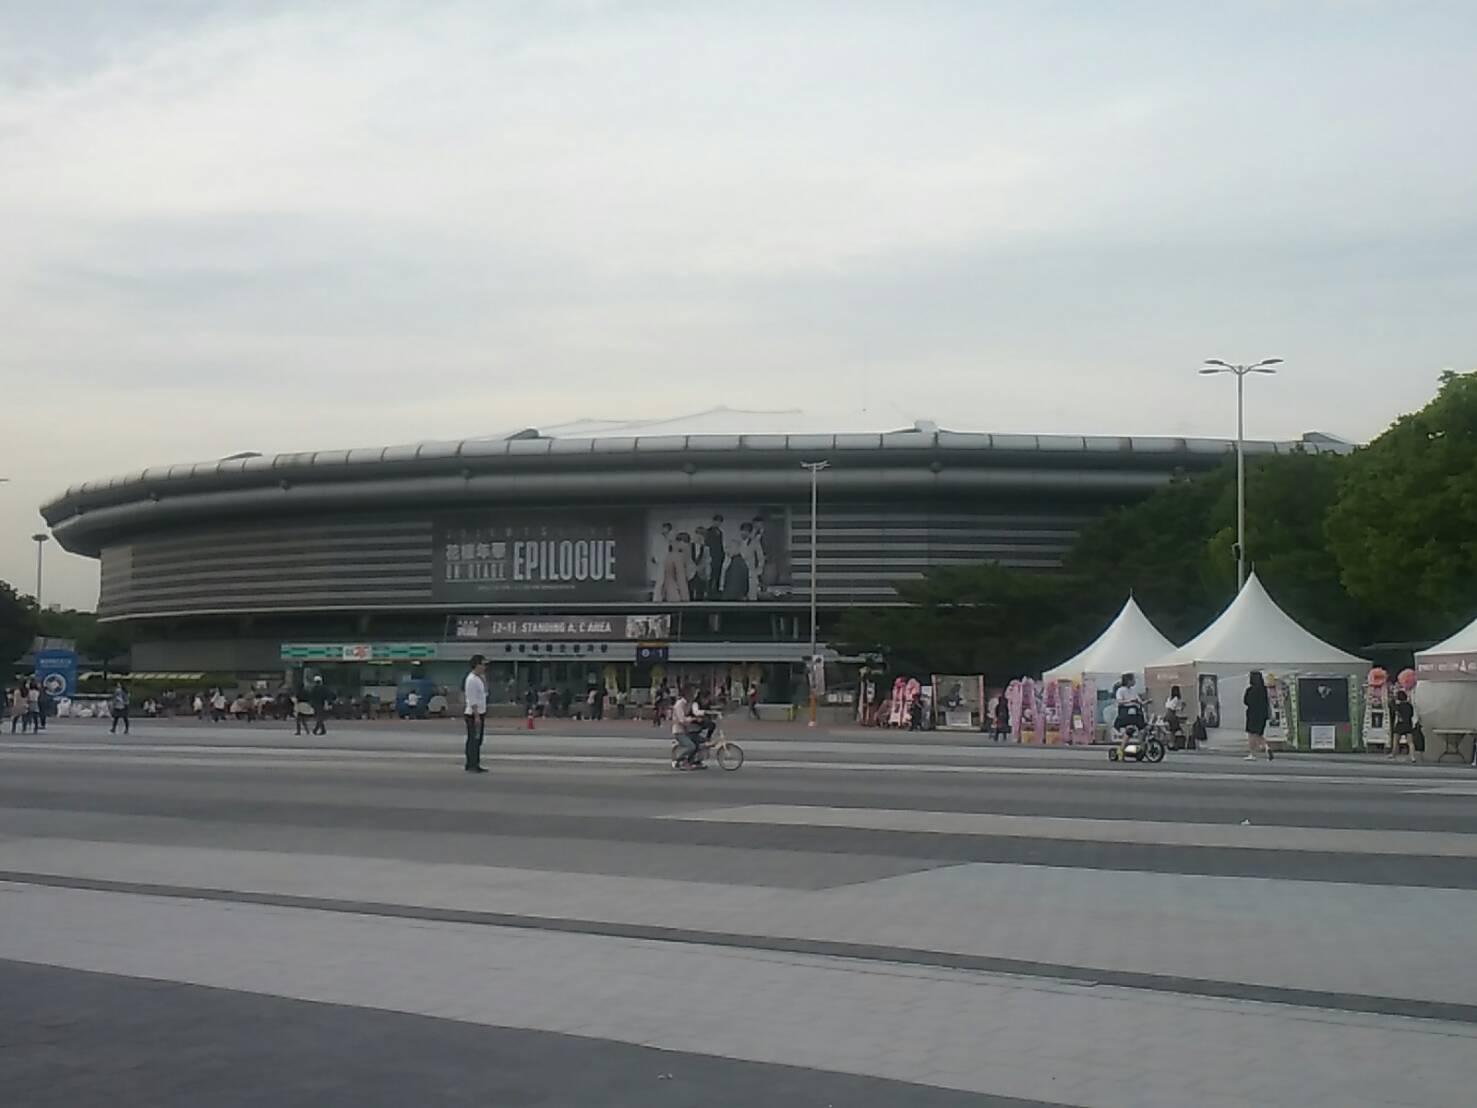 從去年開始的《花樣年華》三部曲讓防彈少年團人氣來到了新的高度,不僅專輯銷量不斷刷新紀錄、唱進了韓國偶像演唱會指標地「奧林匹克體育館」開了2場演唱會。